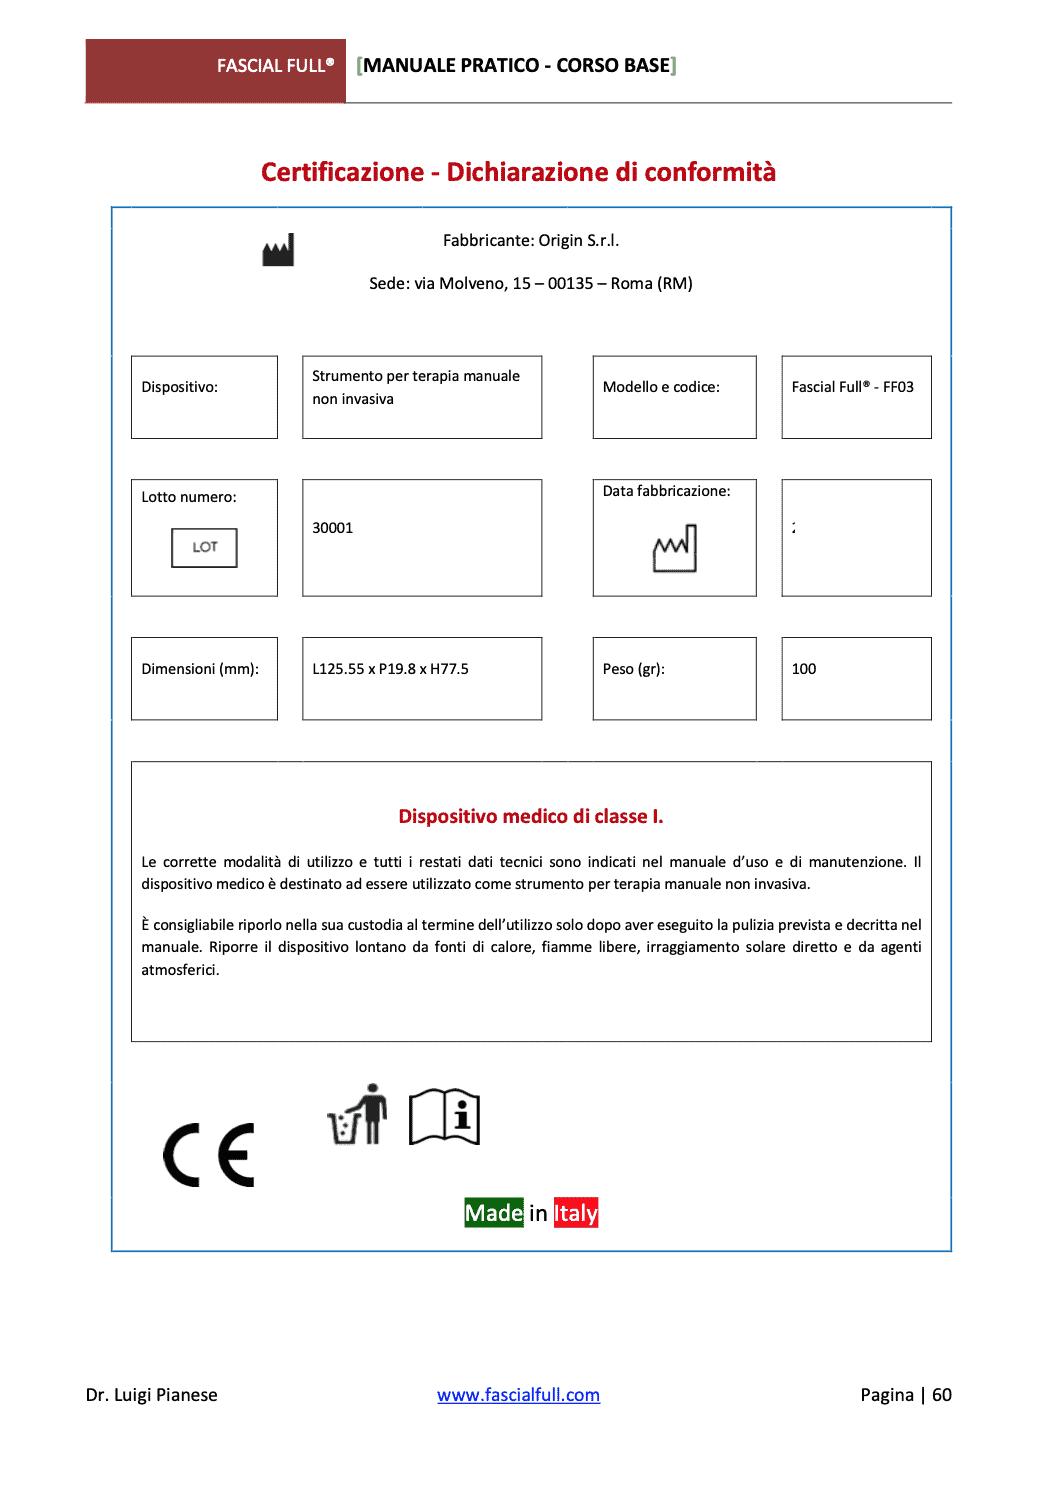 Fascial Full Certificazione Medicale 01 beta